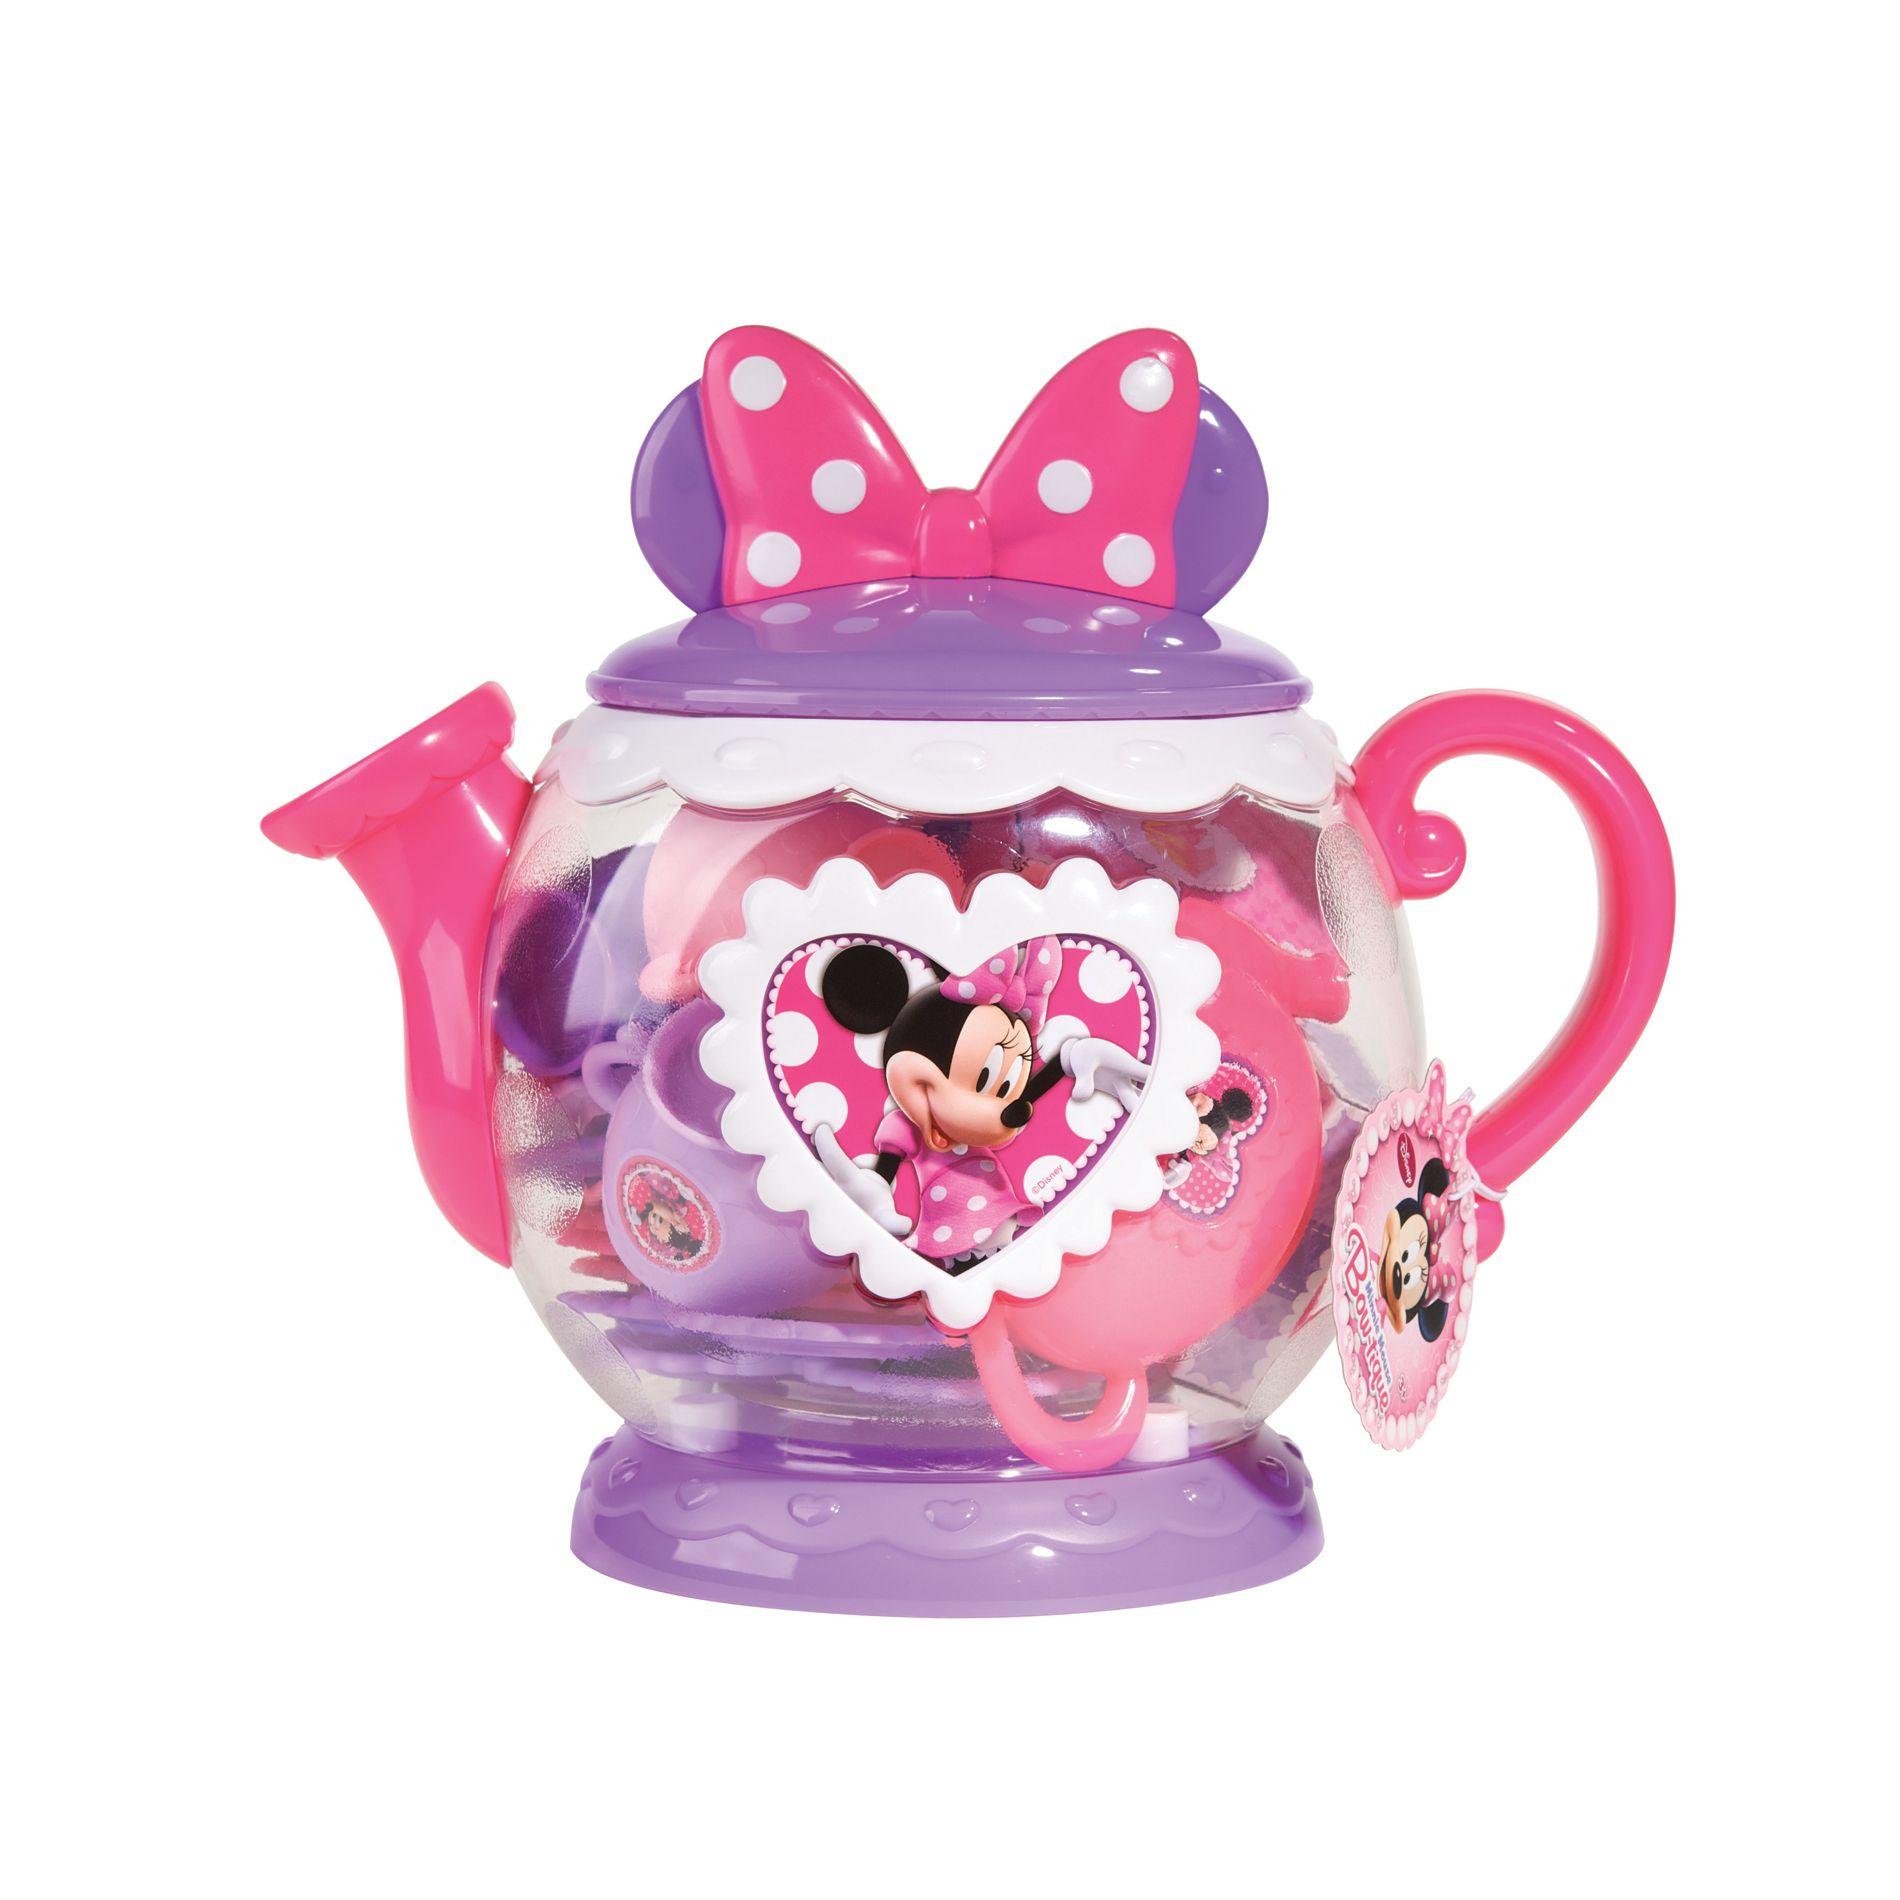 Disney Teapot Play Set Minnie Mouse Bow Tique Lavender